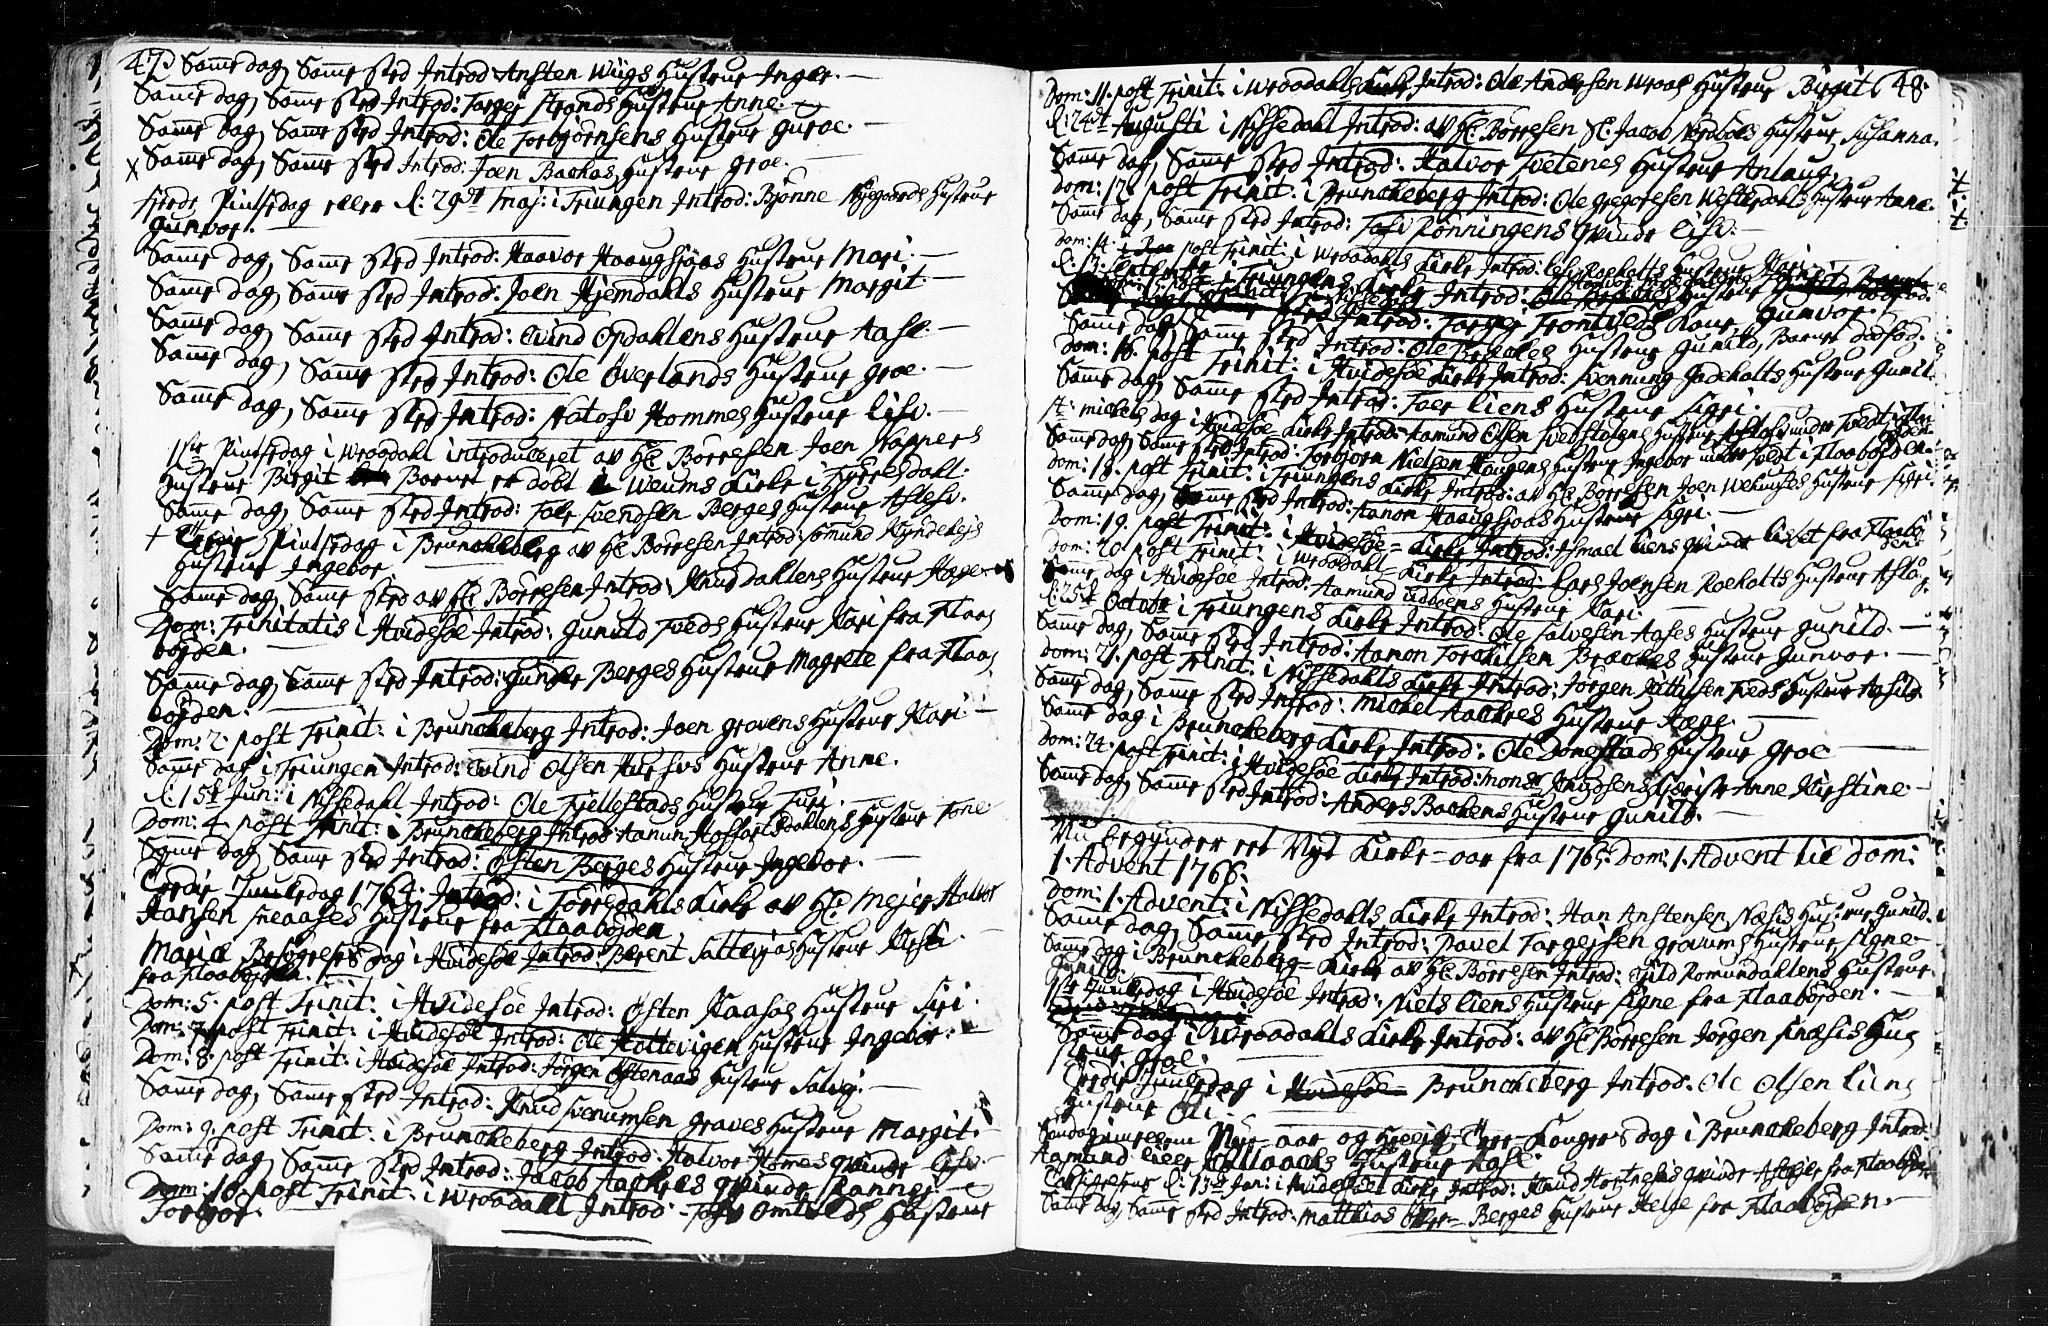 SAKO, Kviteseid kirkebøker, F/Fa/L0001: Ministerialbok nr. I 1, 1754-1773, s. 47-48